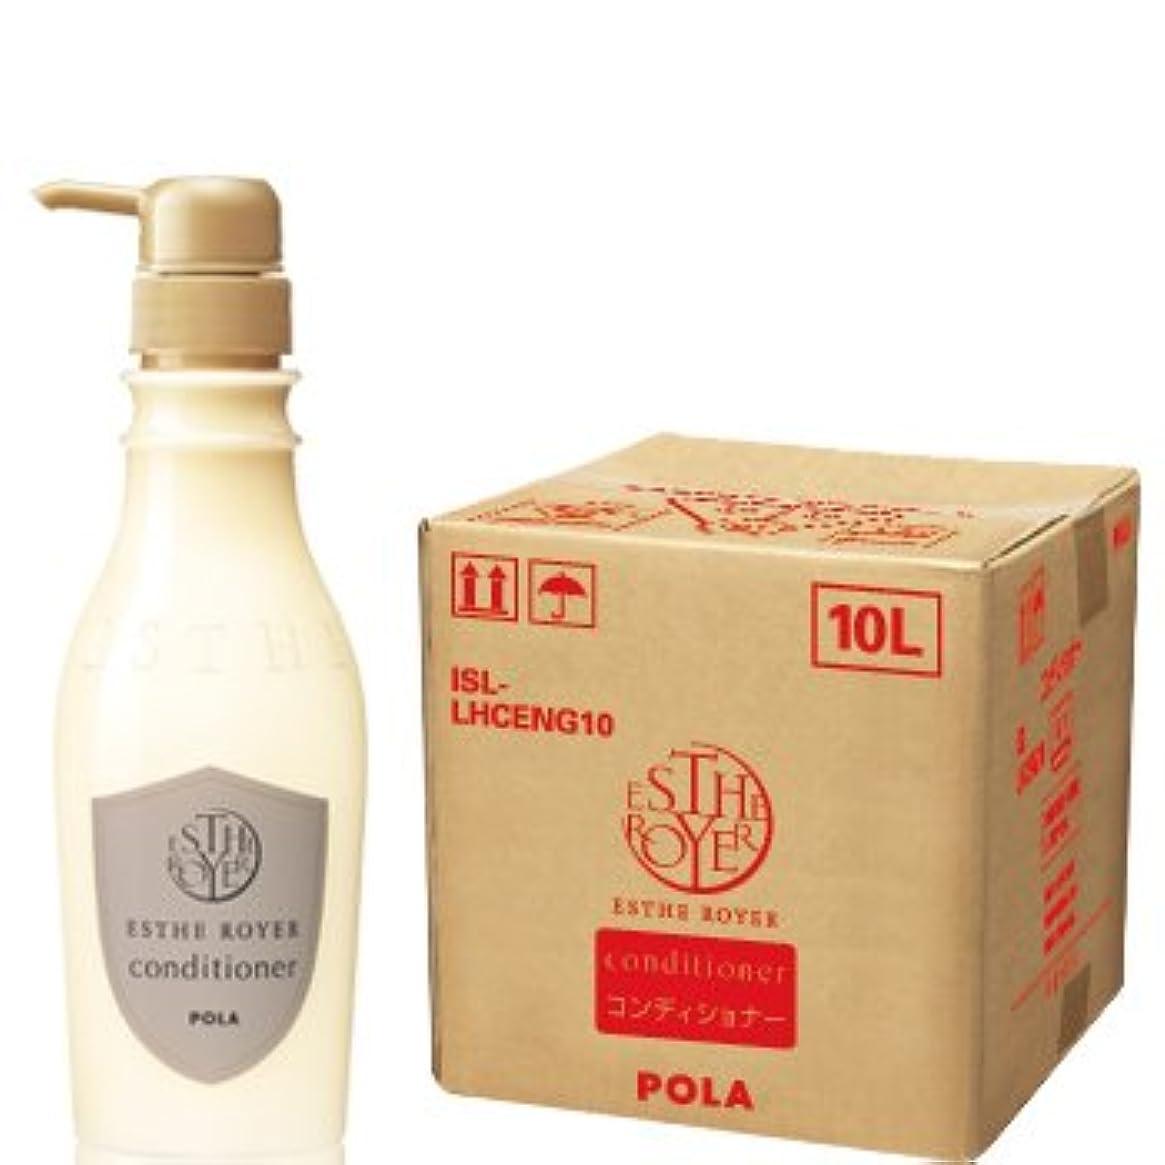 POLA エステロワイエ業務用 コンディショナー 10L (1セット10L入)